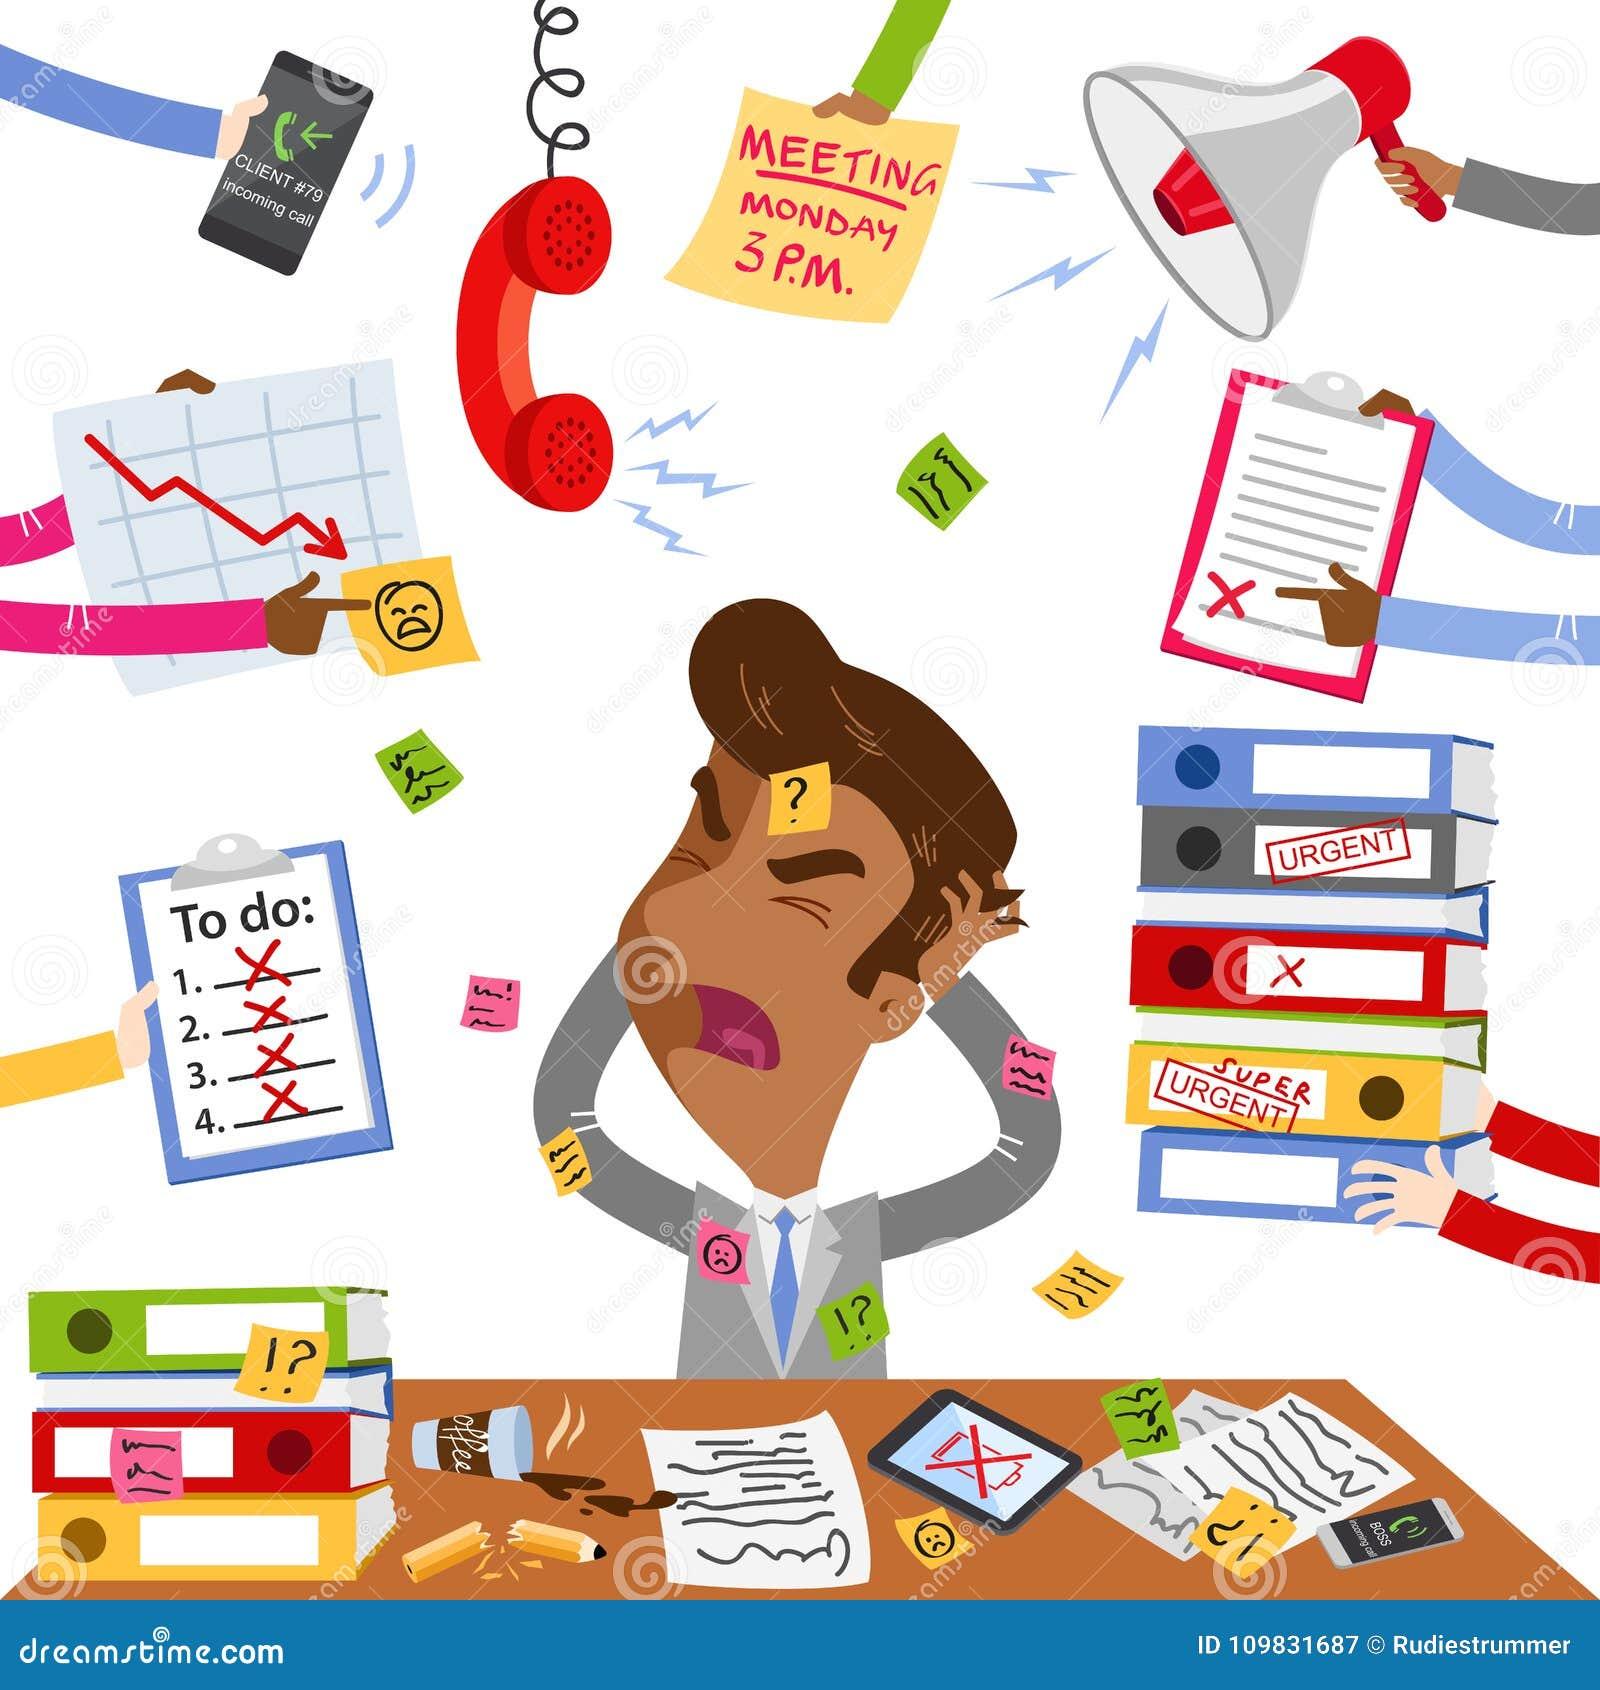 overwhelmed paperwork stock illustrations – 217 overwhelmed